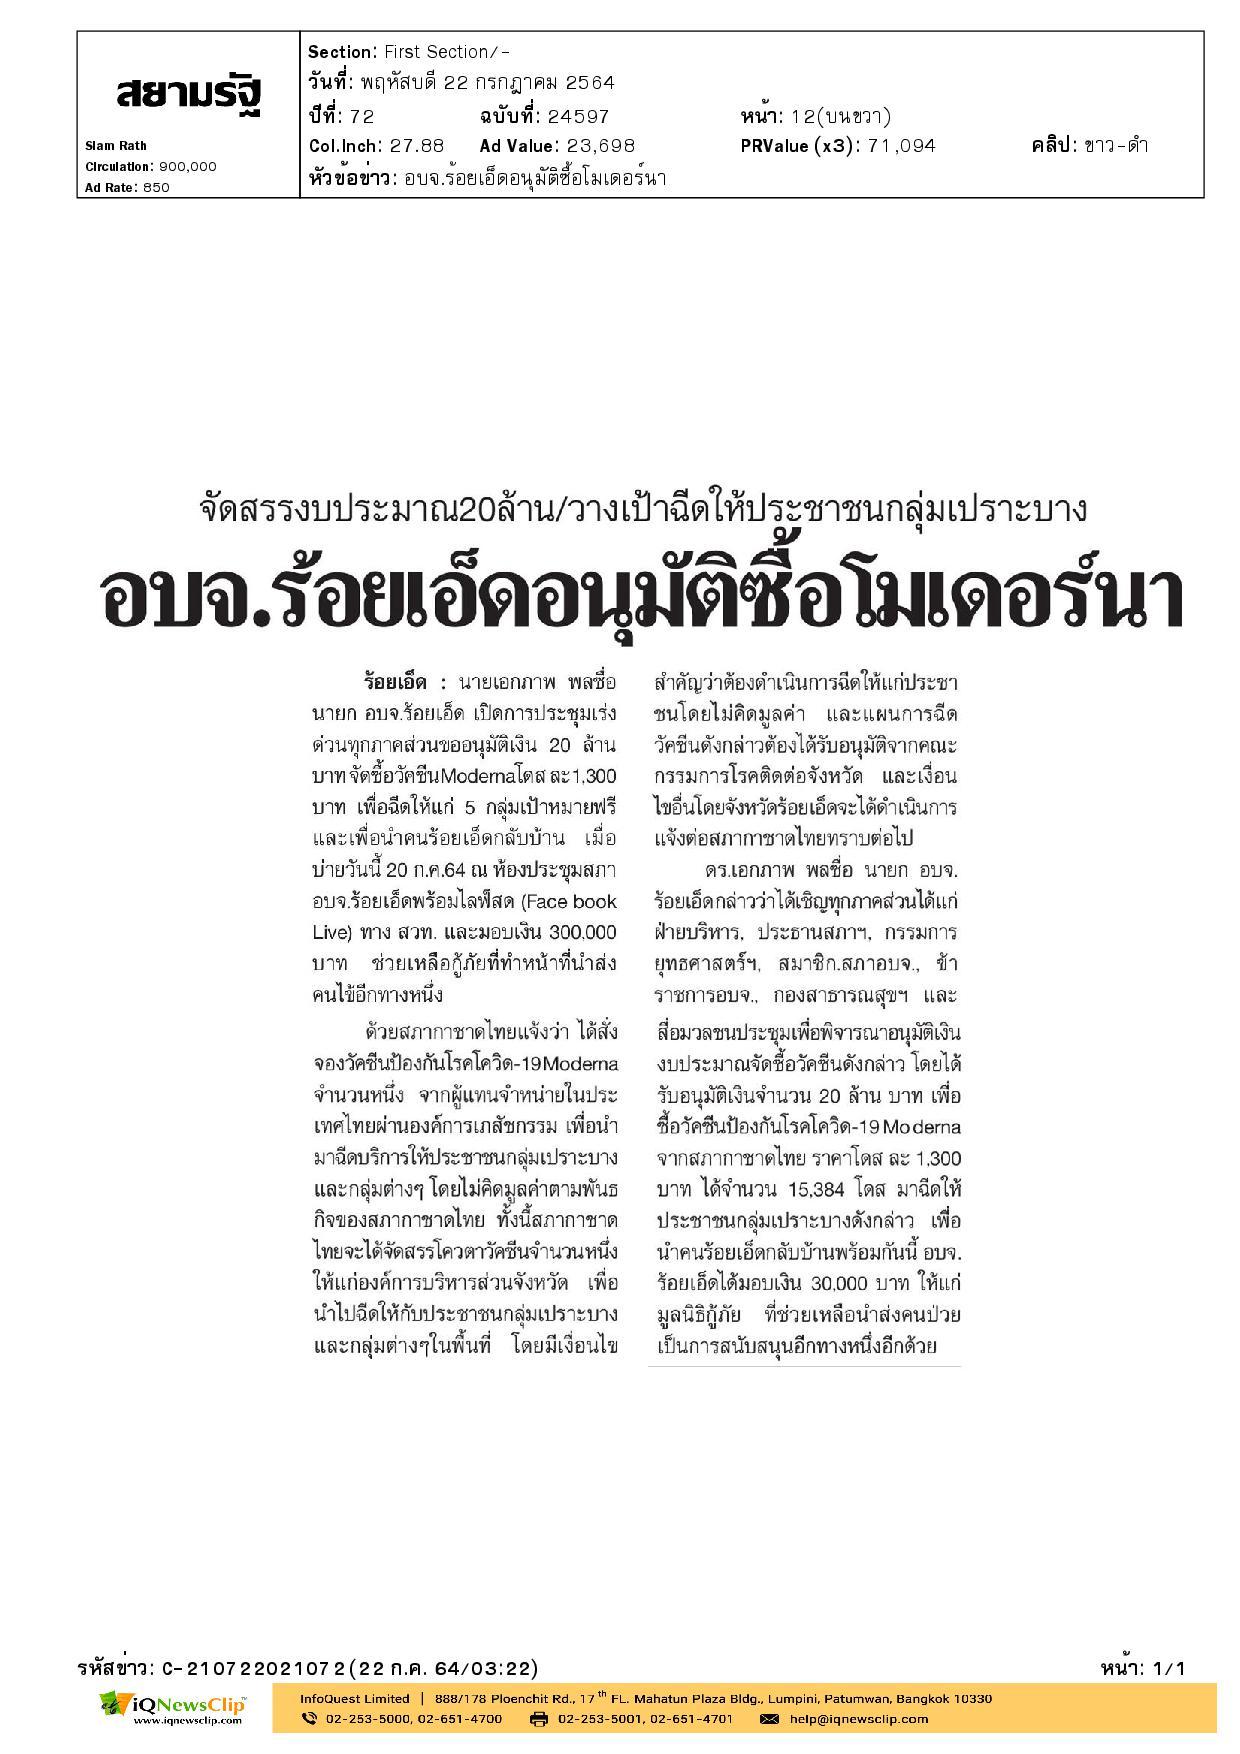 นายก อบจ.ร้อยเอ็ด สั่งจองวัคซีนโมเดอร์นา ป้องกันโรคโควิด-19  ตามพันธกิจของสภากาชาดไทย